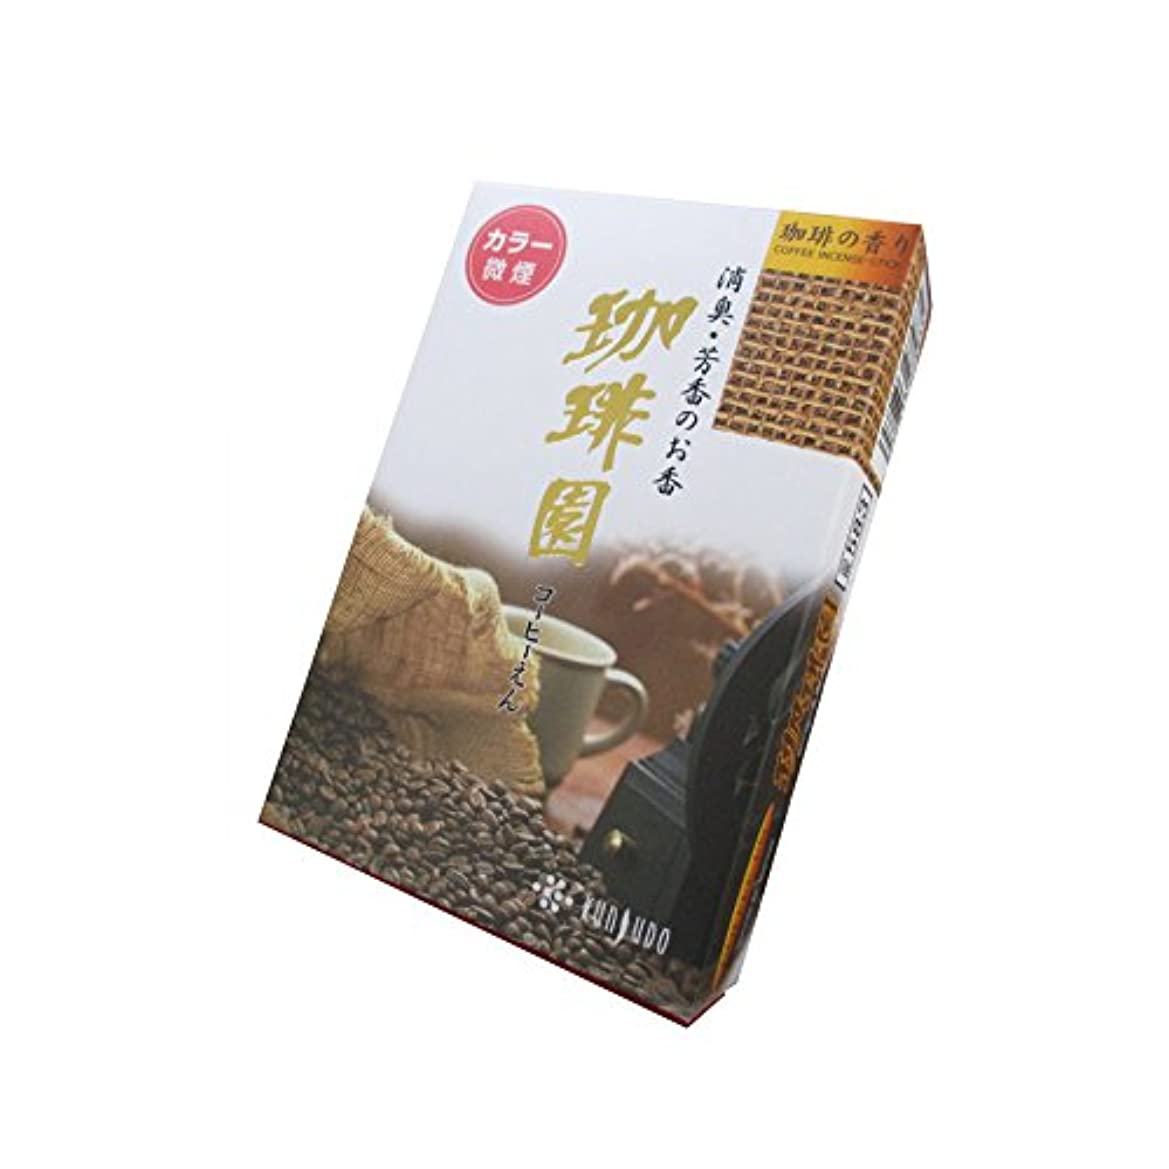 スキャンダル承知しました専門知識薫寿堂のお線香 珈琲園 微煙 ミニ寸 #583